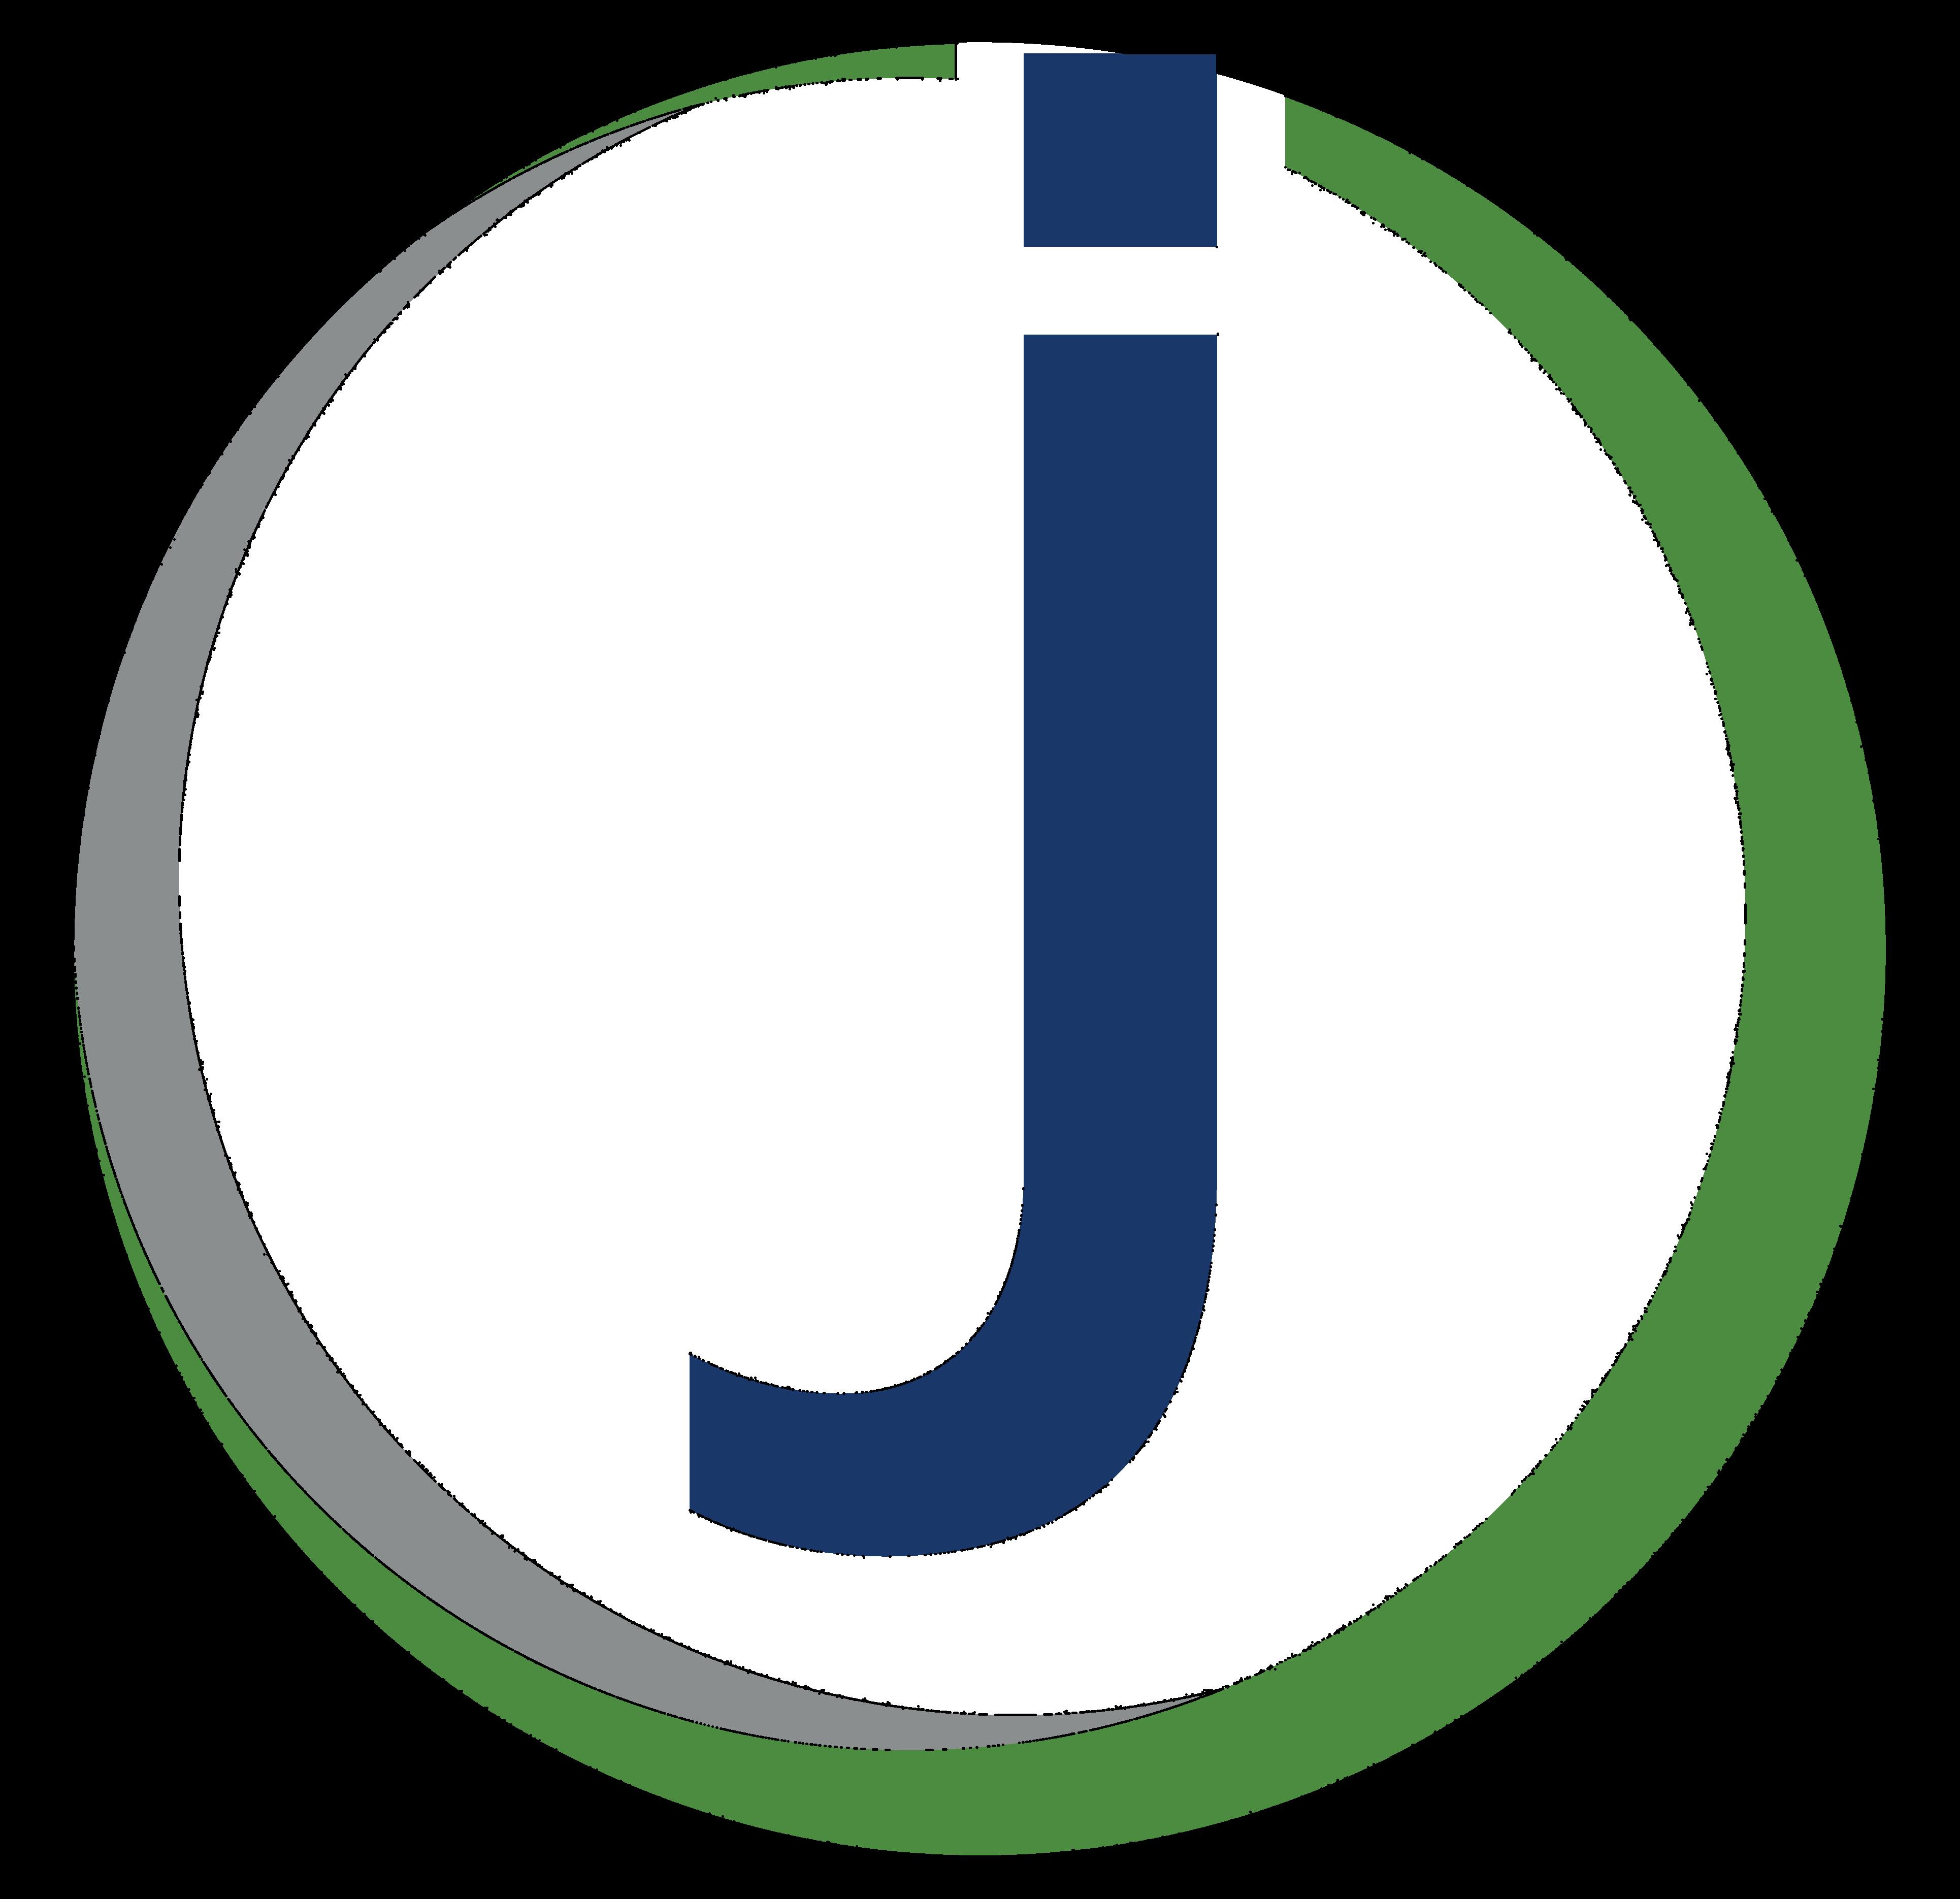 Journey's J logo